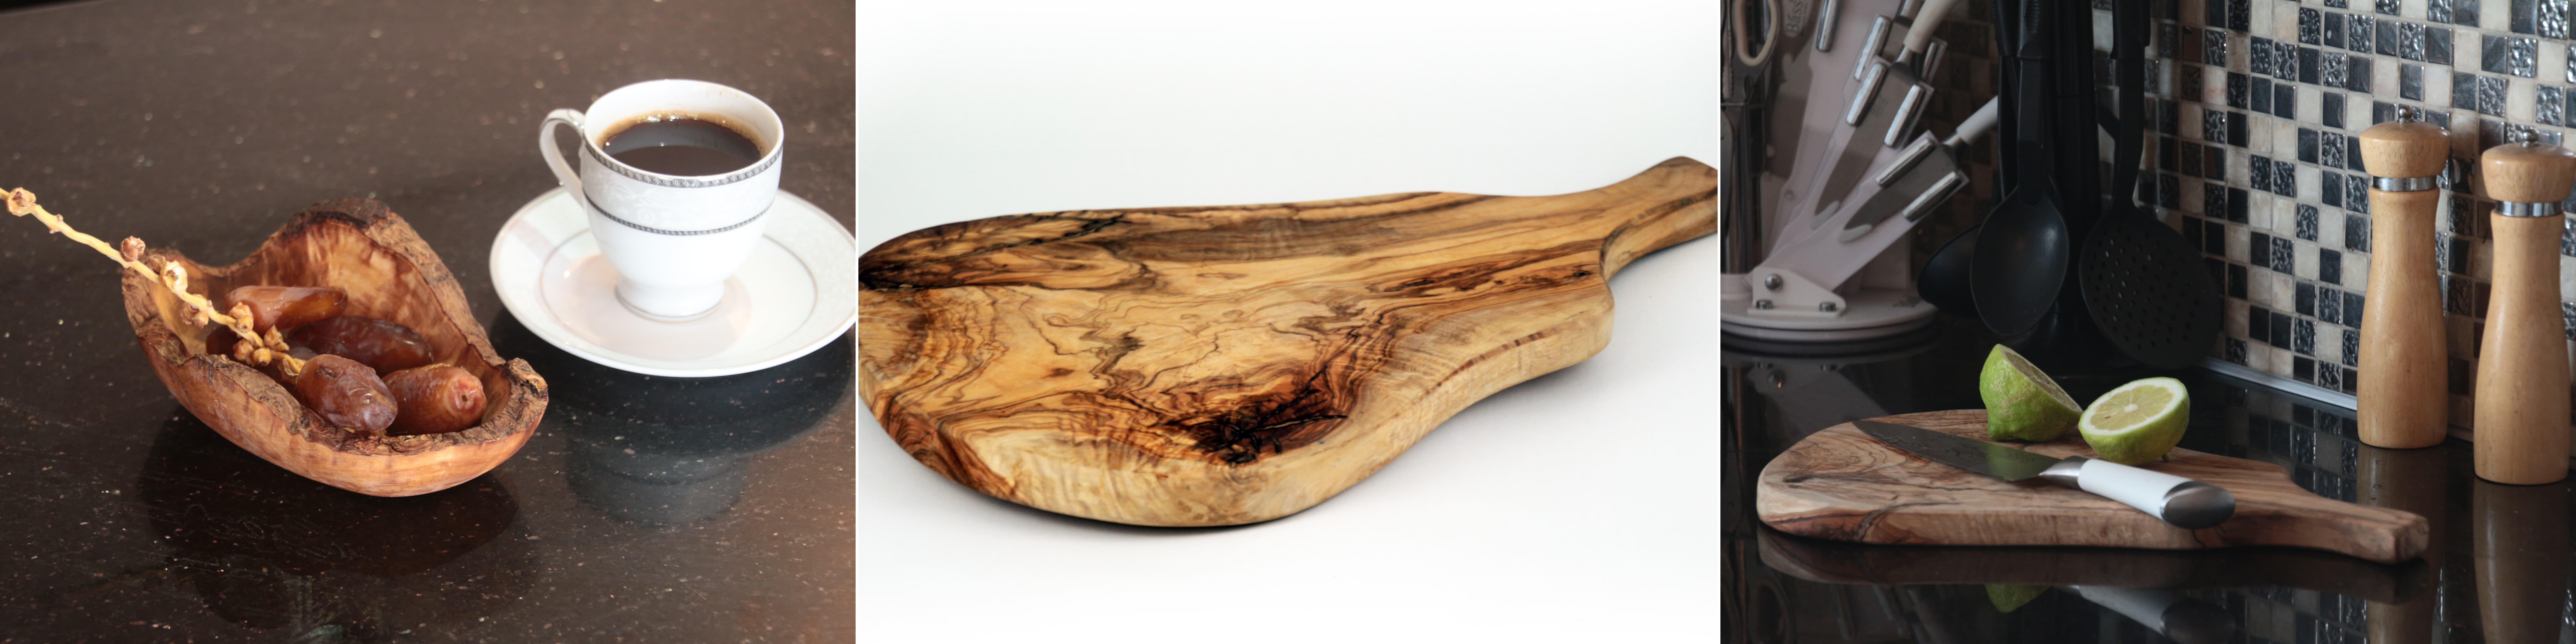 Olive wood Kitchenware Products from Tunisia by Qartaj